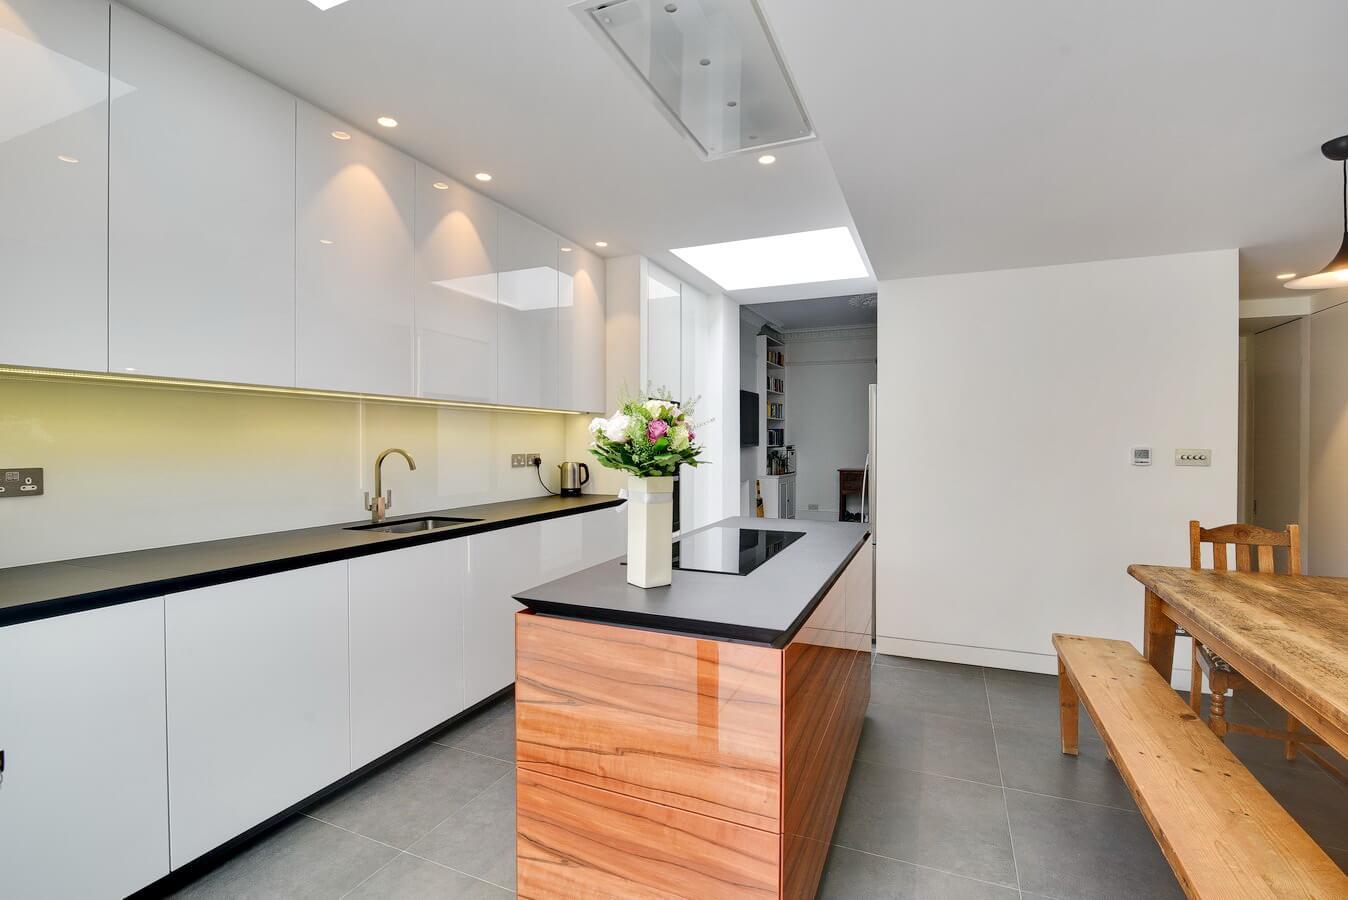 German-Fitted-Kitchen-Island-modern.jpg